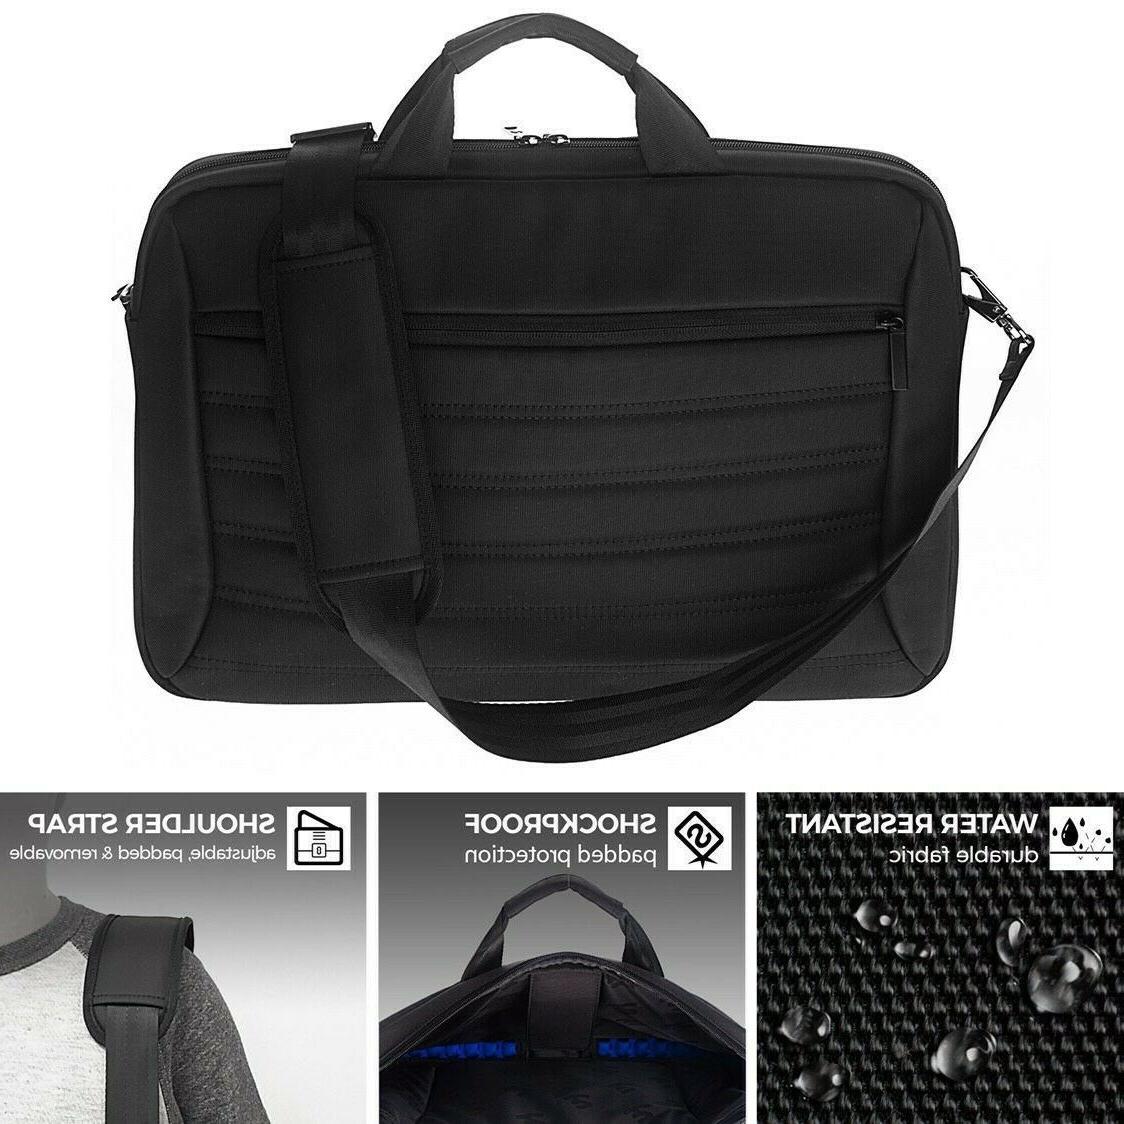 Premium Laptop Bag Black Case for Woman ON SALE!